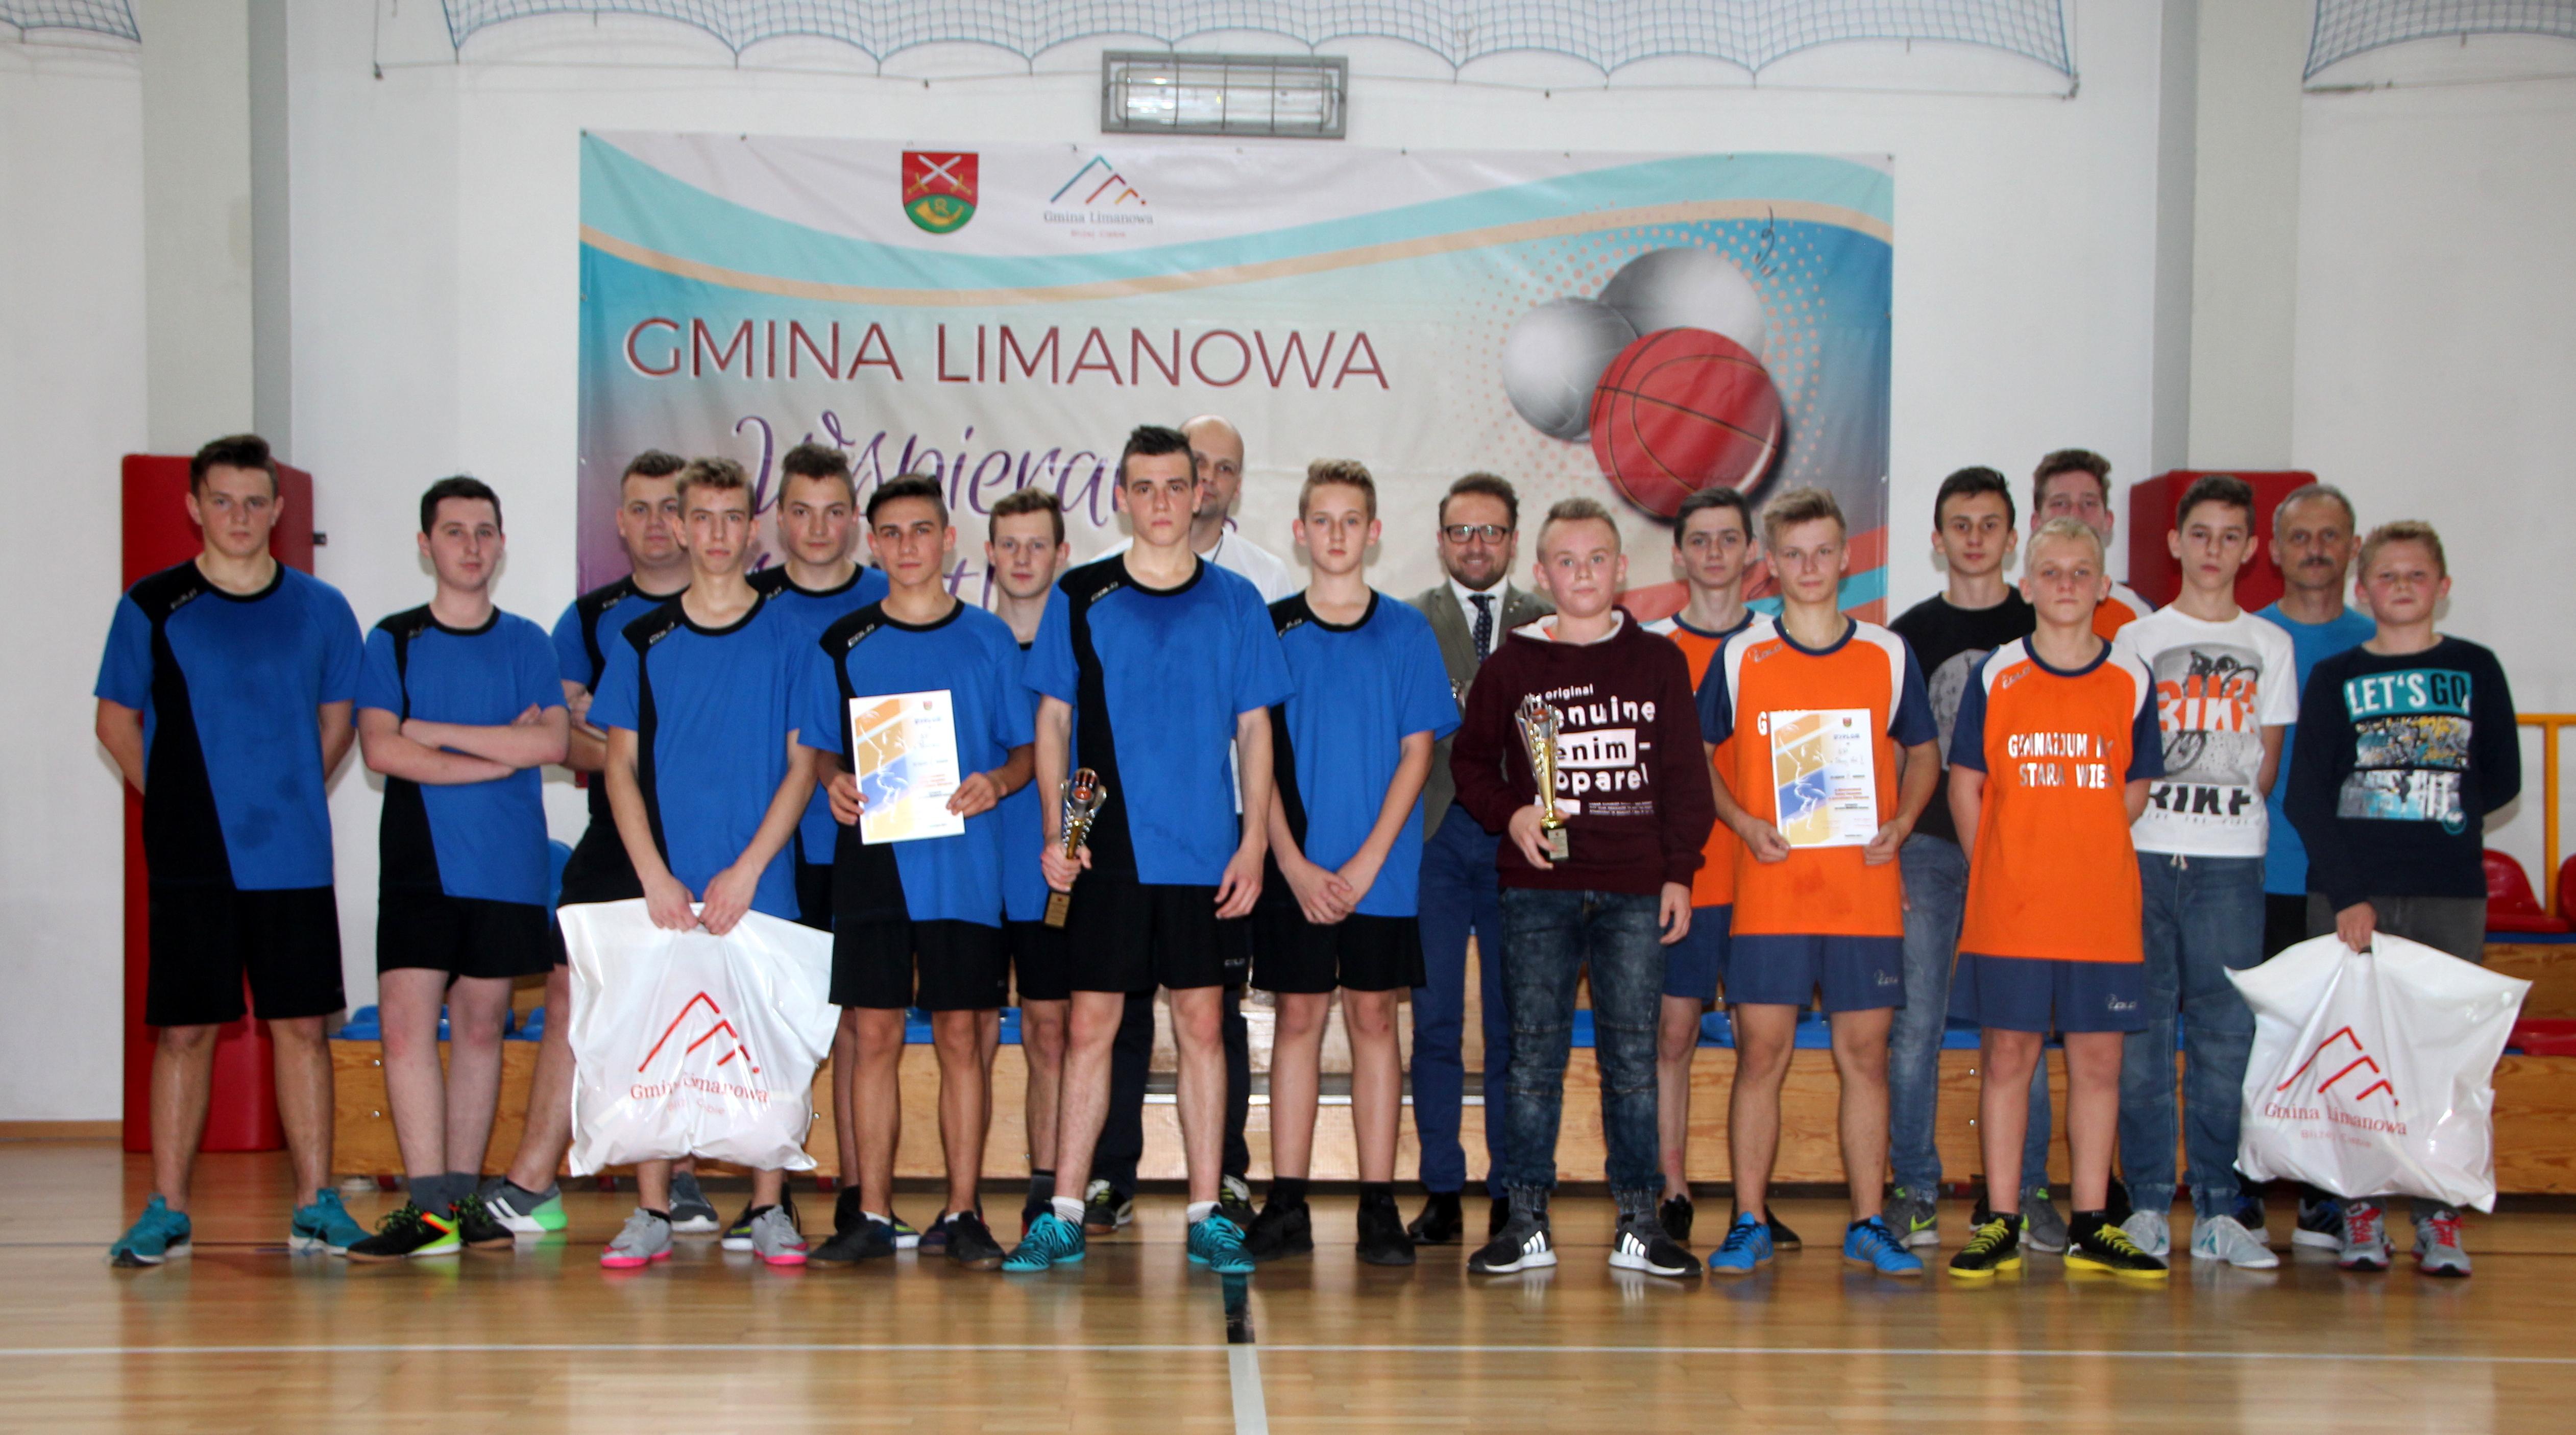 Chłopcy z Pasierbca nowymi Mistrzami w koszykówce! - zdjęcie główne